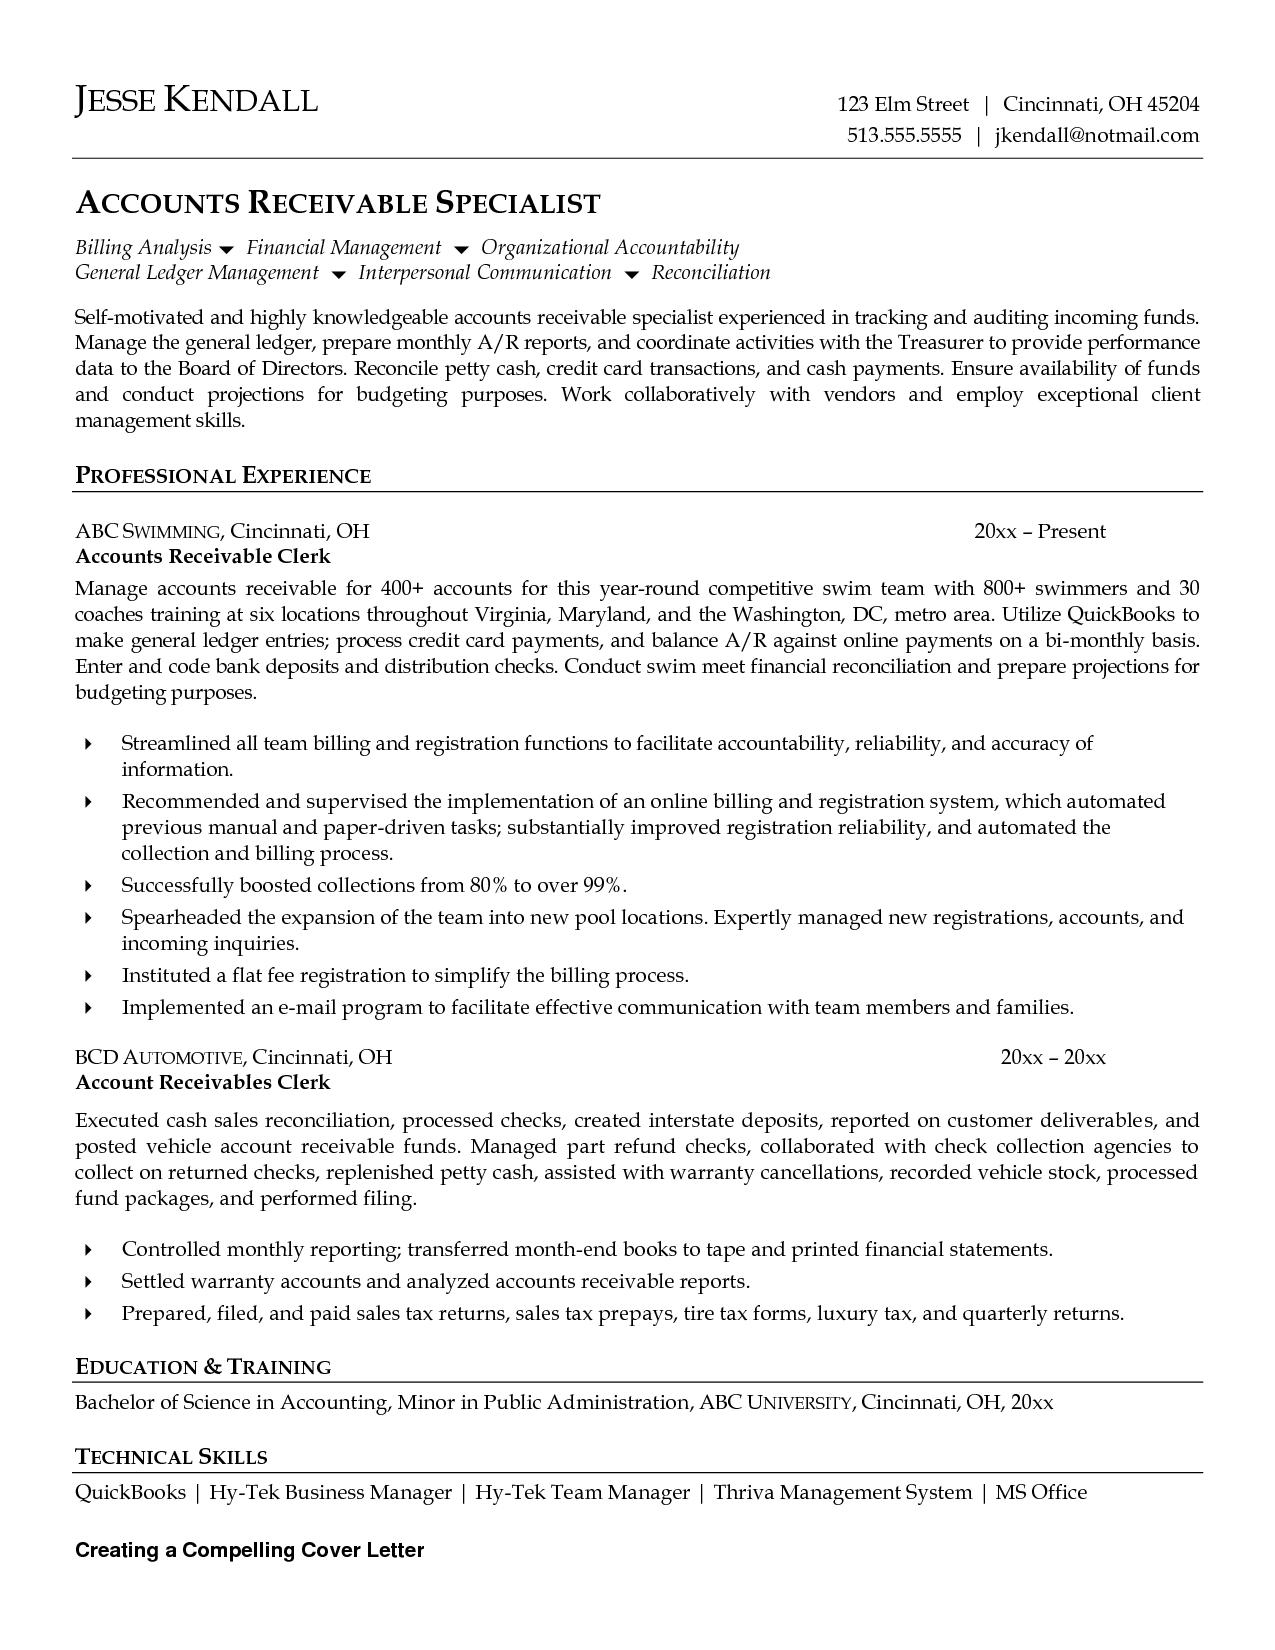 Melter Clerk Sample Resume Popular Dissertation Methodology Writing For Hire For University .